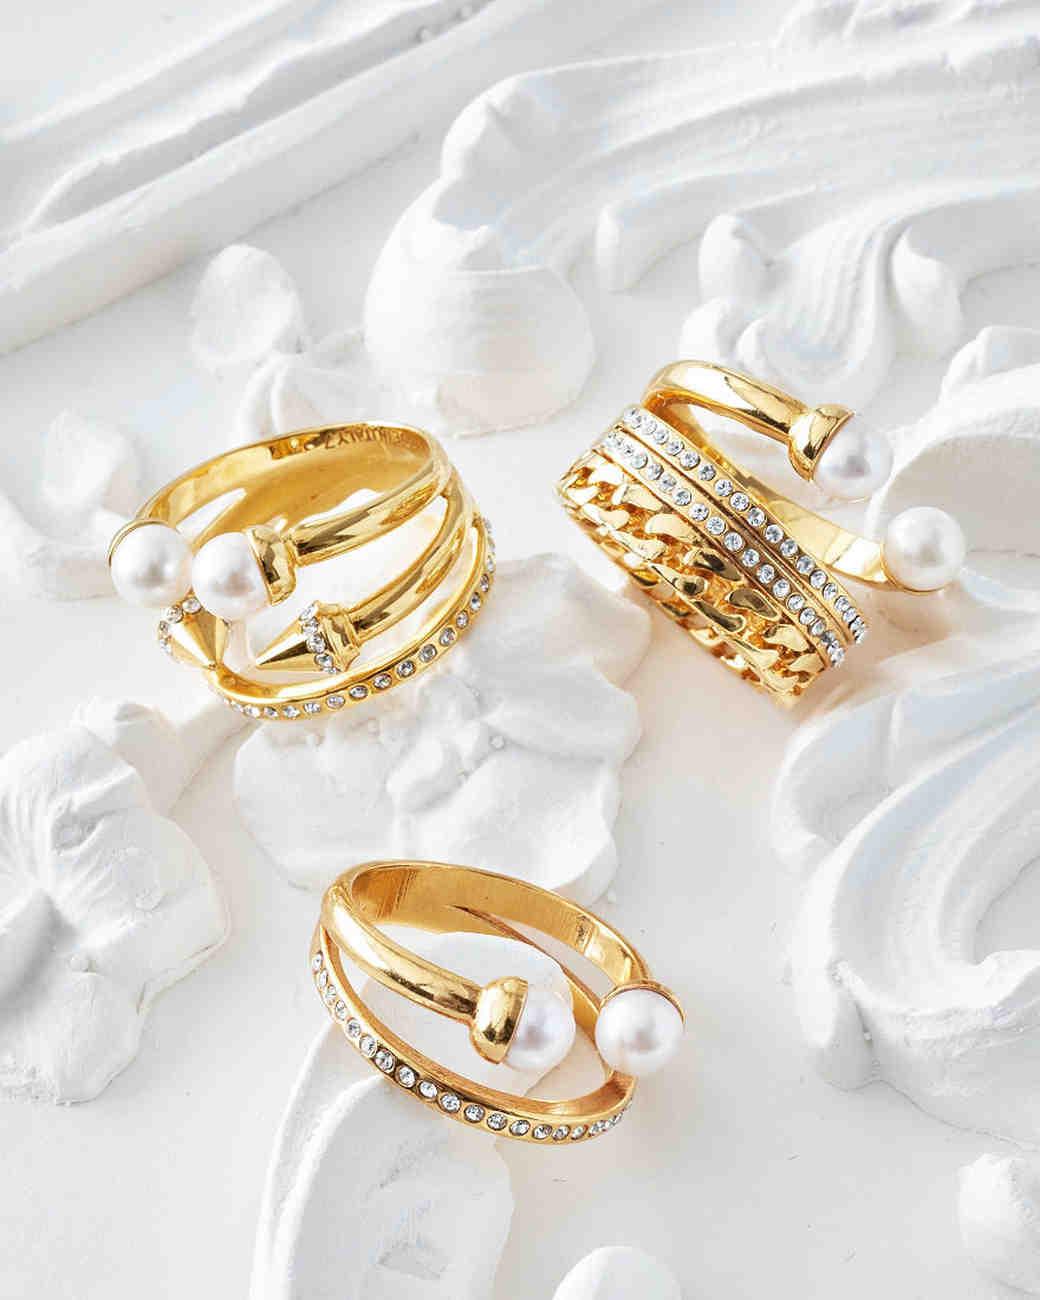 pearls-vita-fede-pearl-rings-0216.jpg